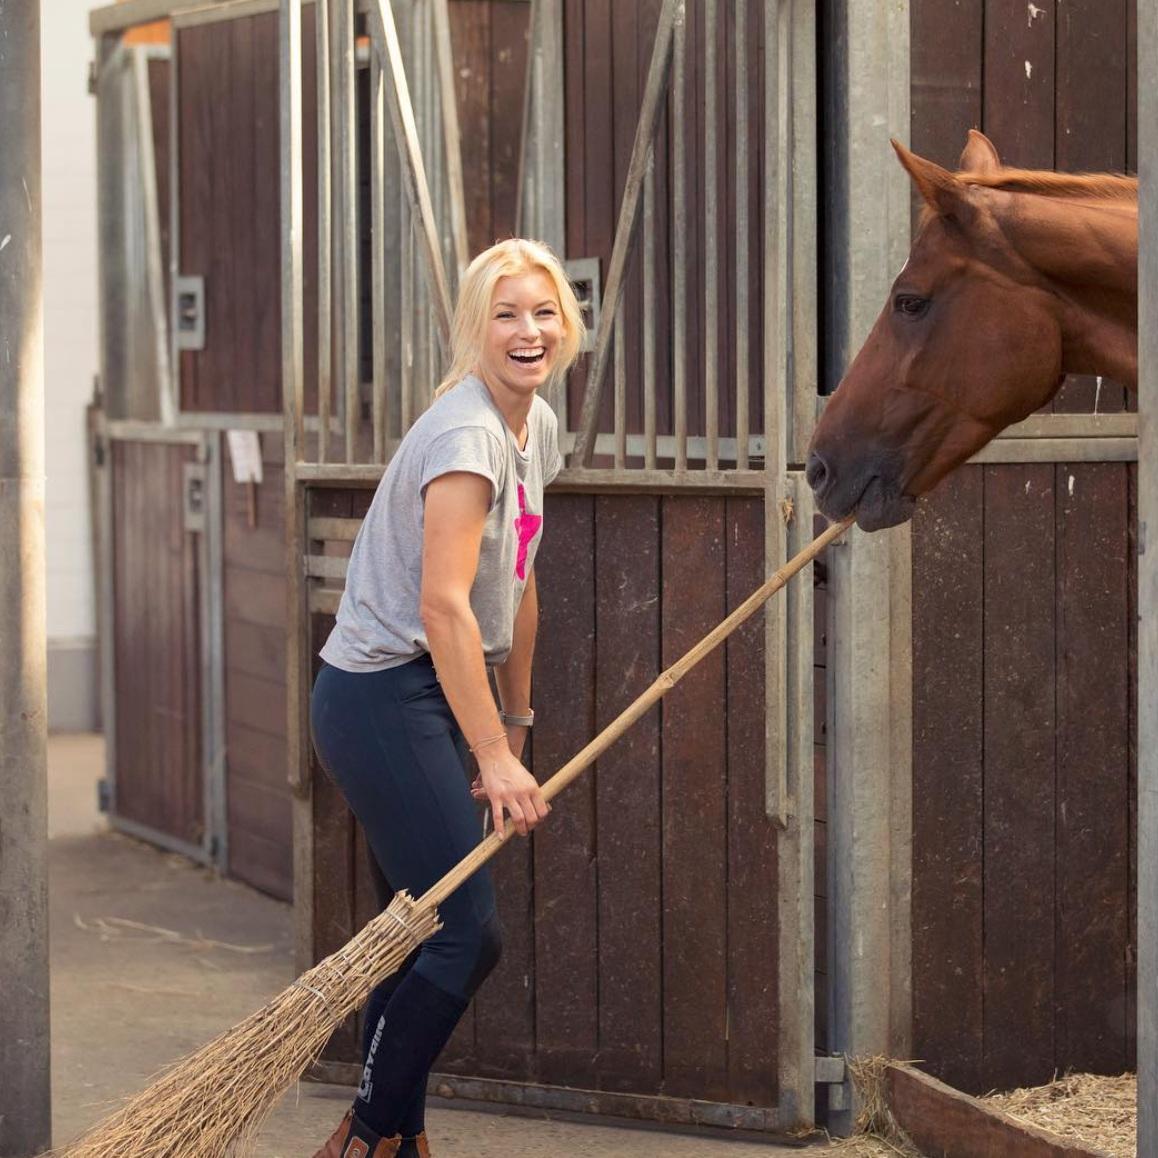 ANNICA HANSEN - #LEIDENSCHAFT #STARTUP #SOCIALMEDIAInfluencer + Authentizität + Herz = gibt´s nicht? Doch. Die Pferdenärrin macht es vor. MEHR